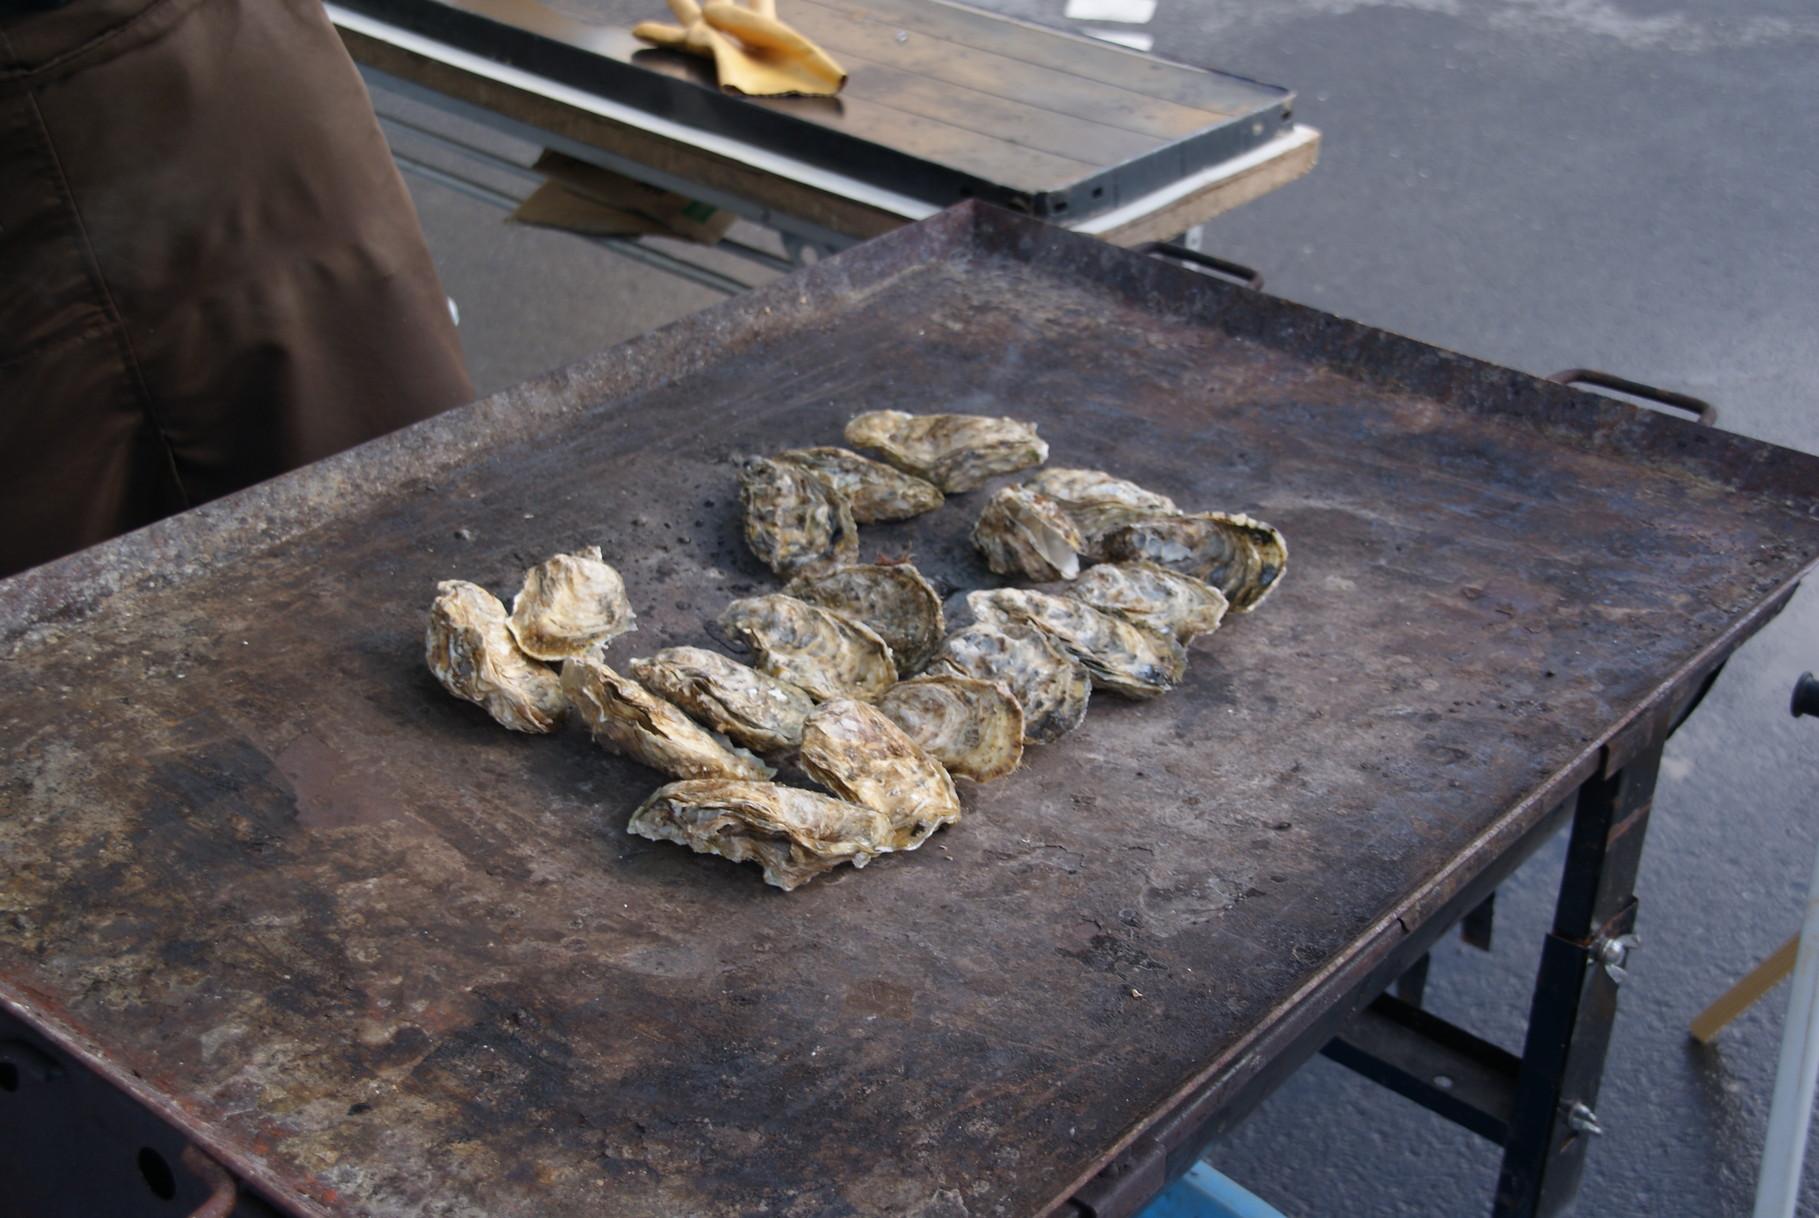 隣のブースでは今朝水揚げされた地元の牡蠣を、また山形の新鮮な野菜やくだもののブースも